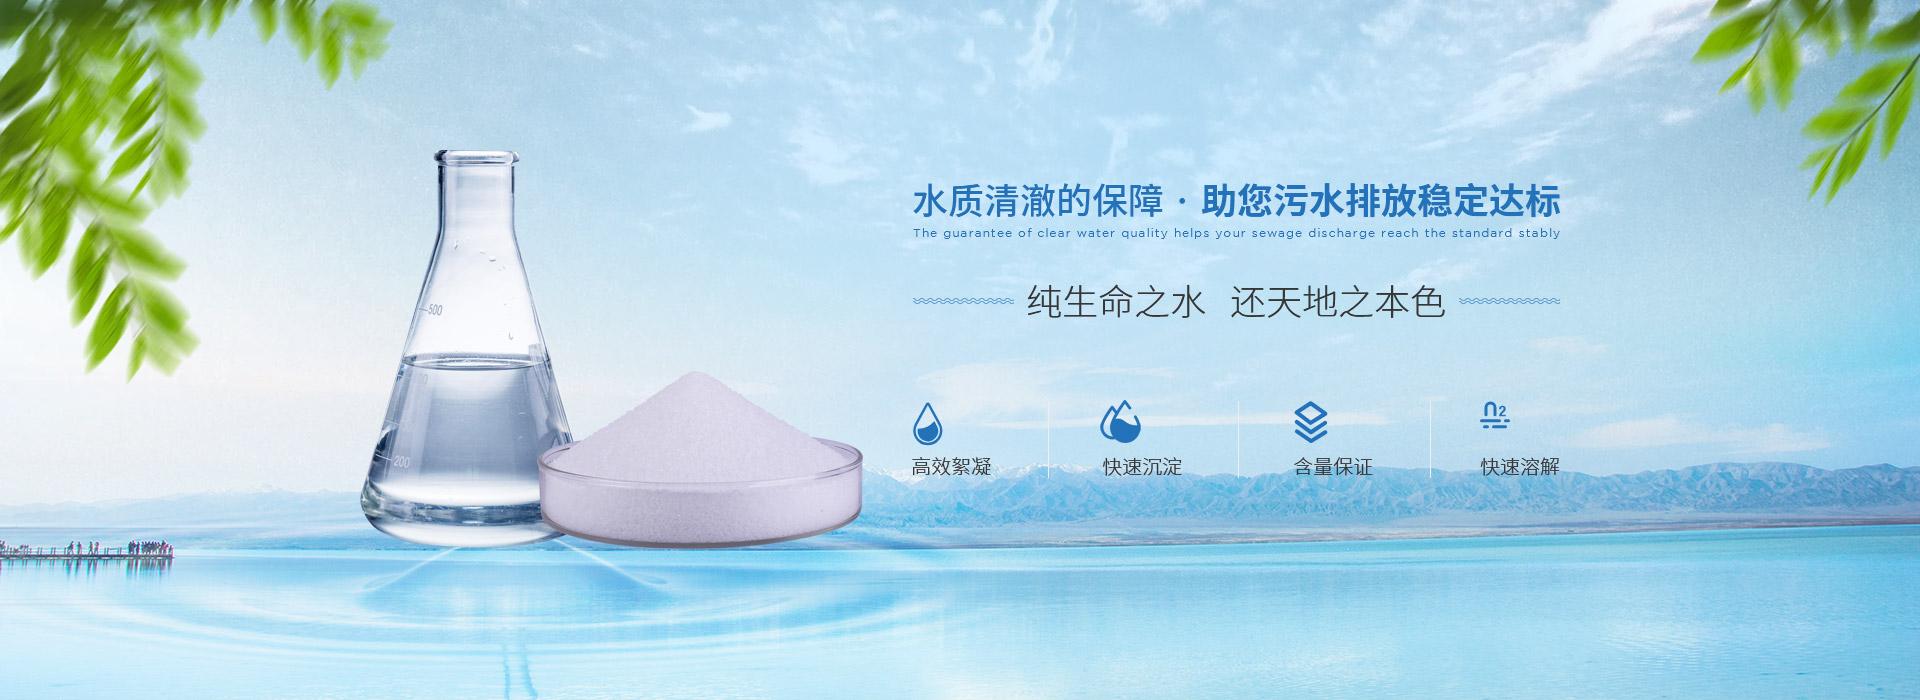 水质清澈的保障  助您污水排放稳定达标